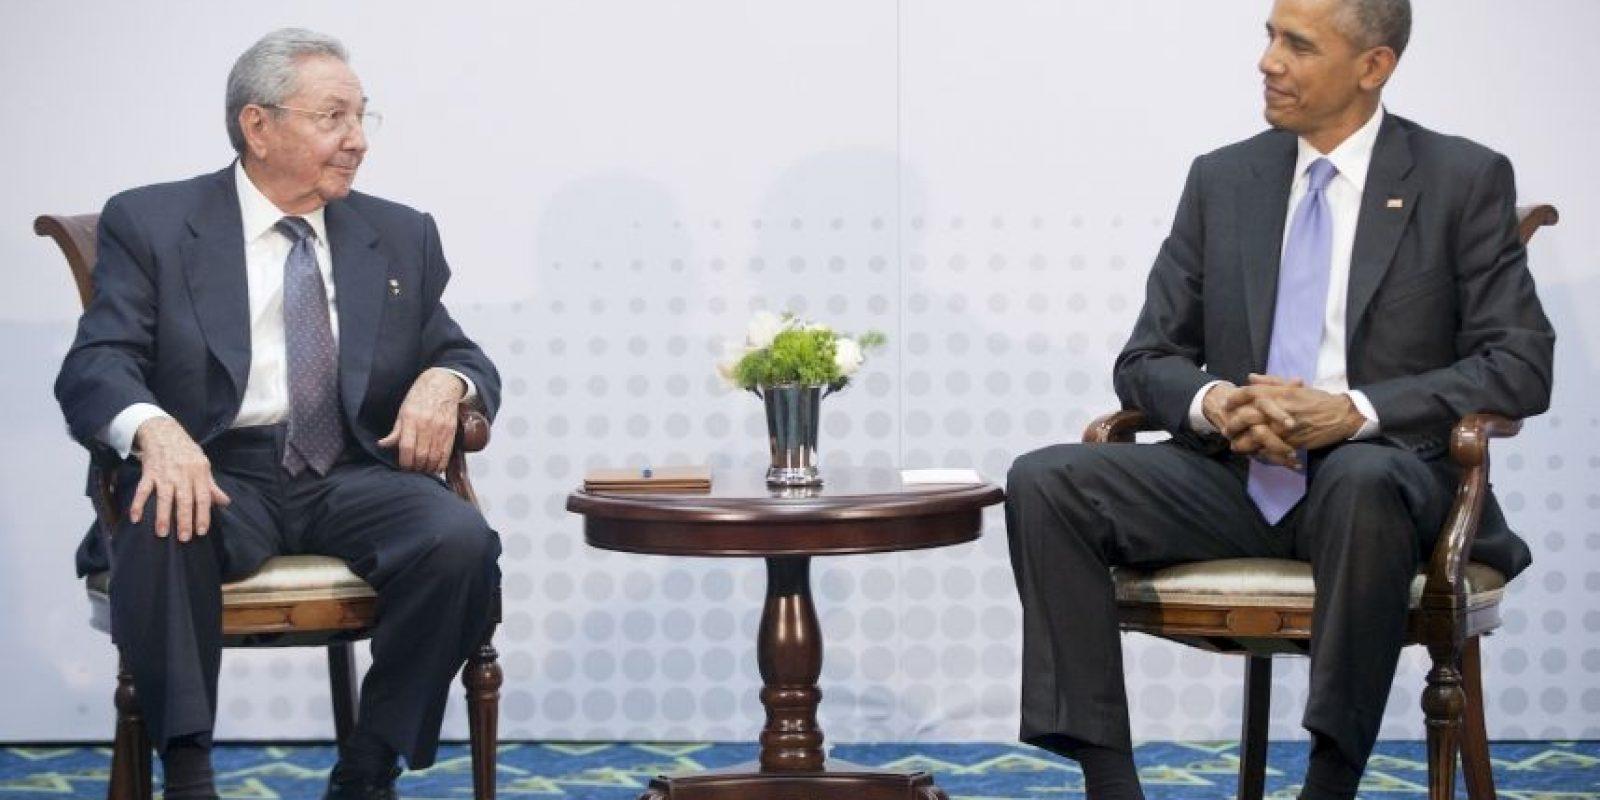 El 20 de julio se llevó a cabo la apertura de la Embajada de Cuba en Estados Unidos, hecho que oficializó el restablecimiento de las relaciones diplomáticas entre ambos países. Foto:AP